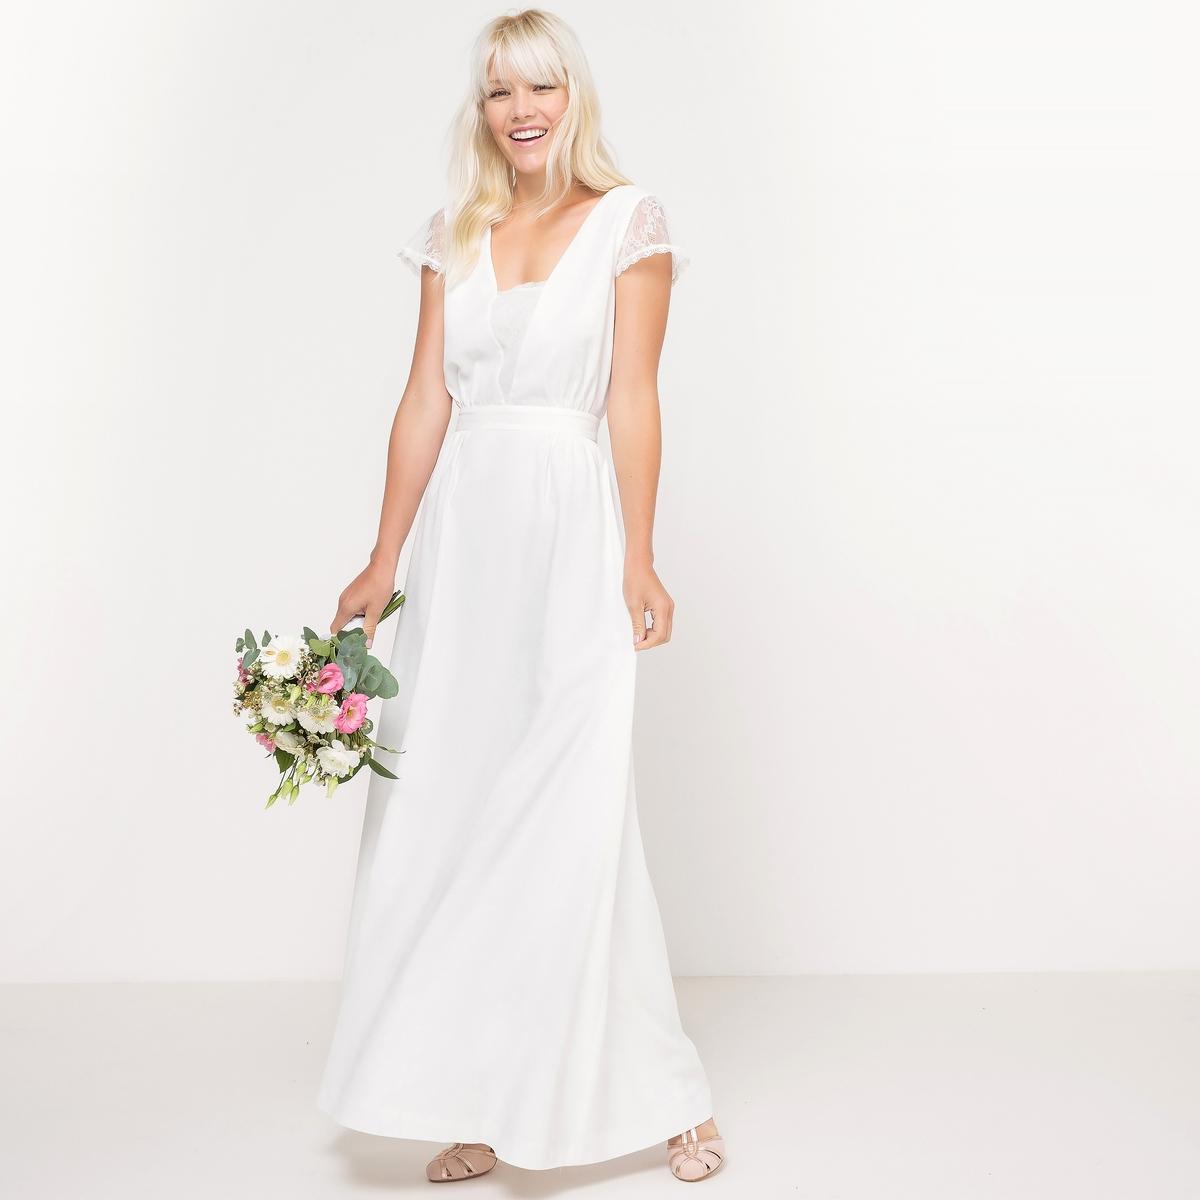 Платье свадебное длинное свадебное платье venus wedding dress 2015